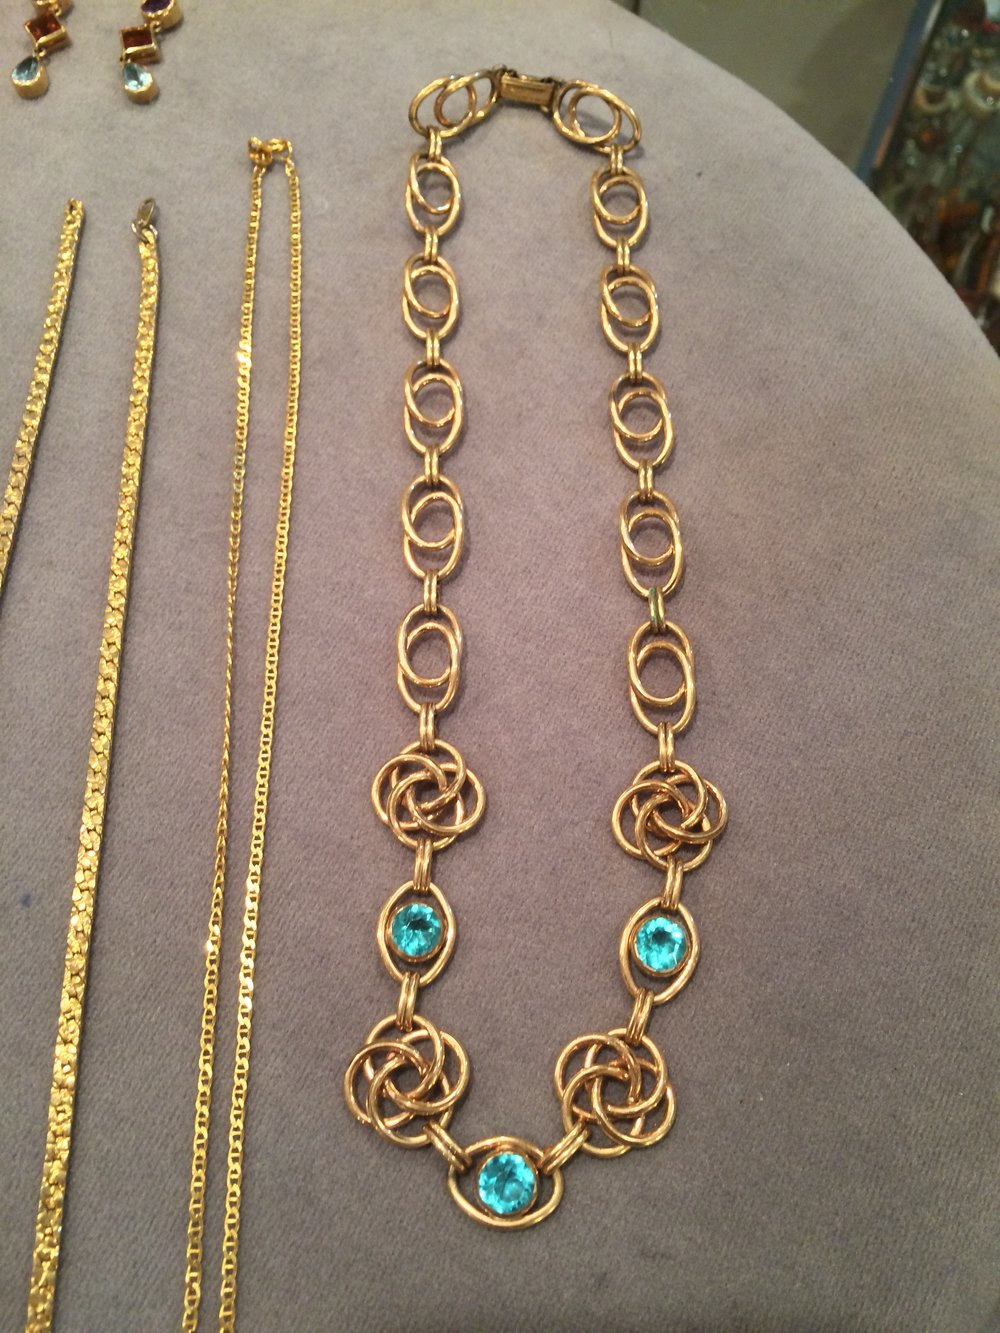 jewelry 3 (26).JPG